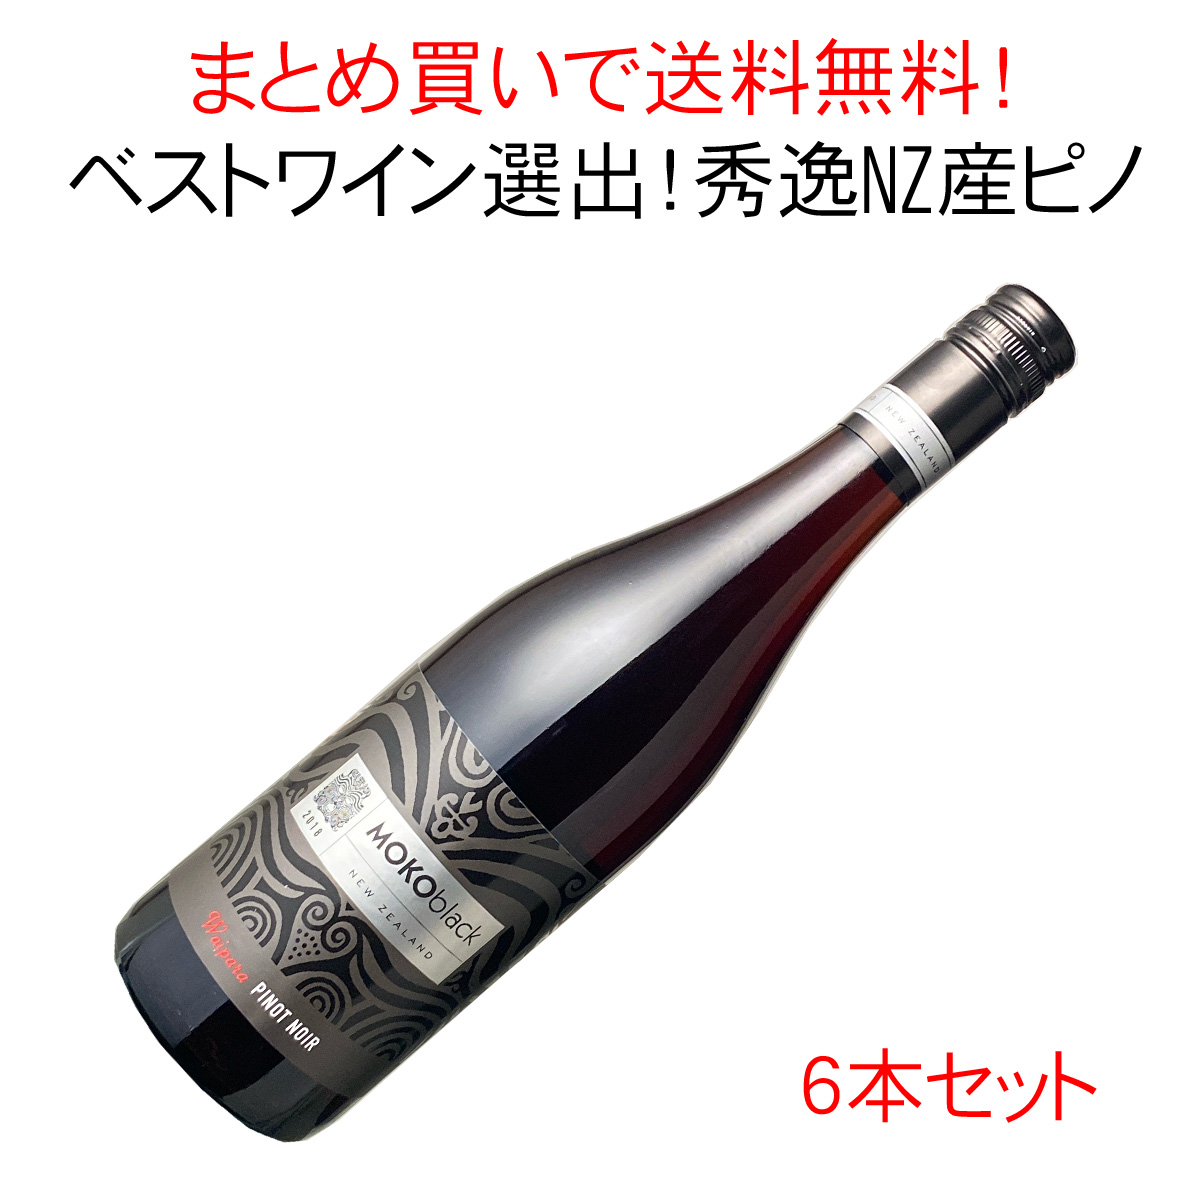 【送料無料】モコブラック ピノ・ノワール [2018] ブティノ ニュージーランド 1ケース6本セット <赤> <ワイン/ニュージーランド>